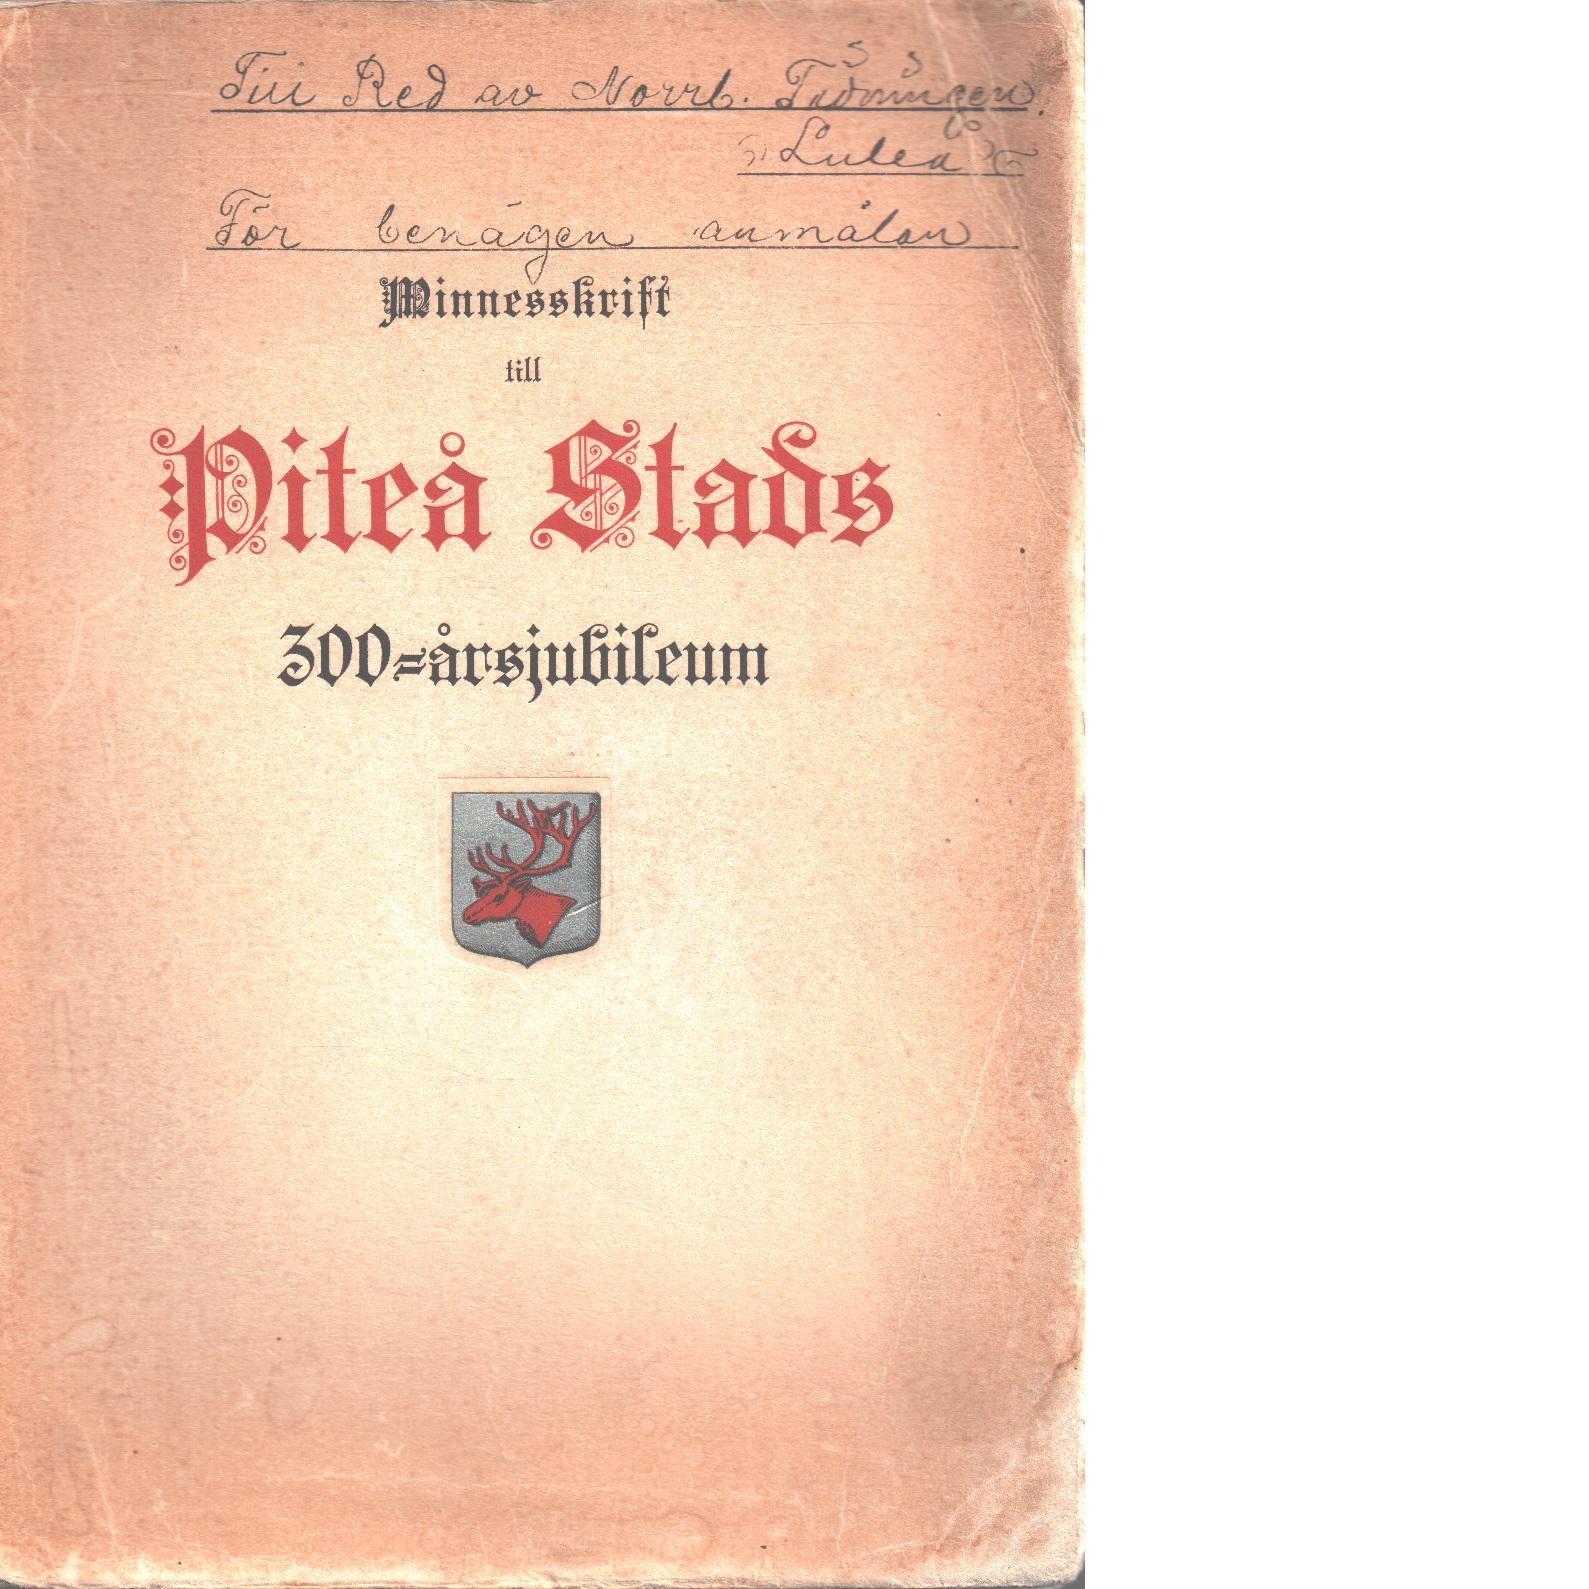 Minnesskrift till Piteå stads 300-årsjubileum - Steckzén, Birger